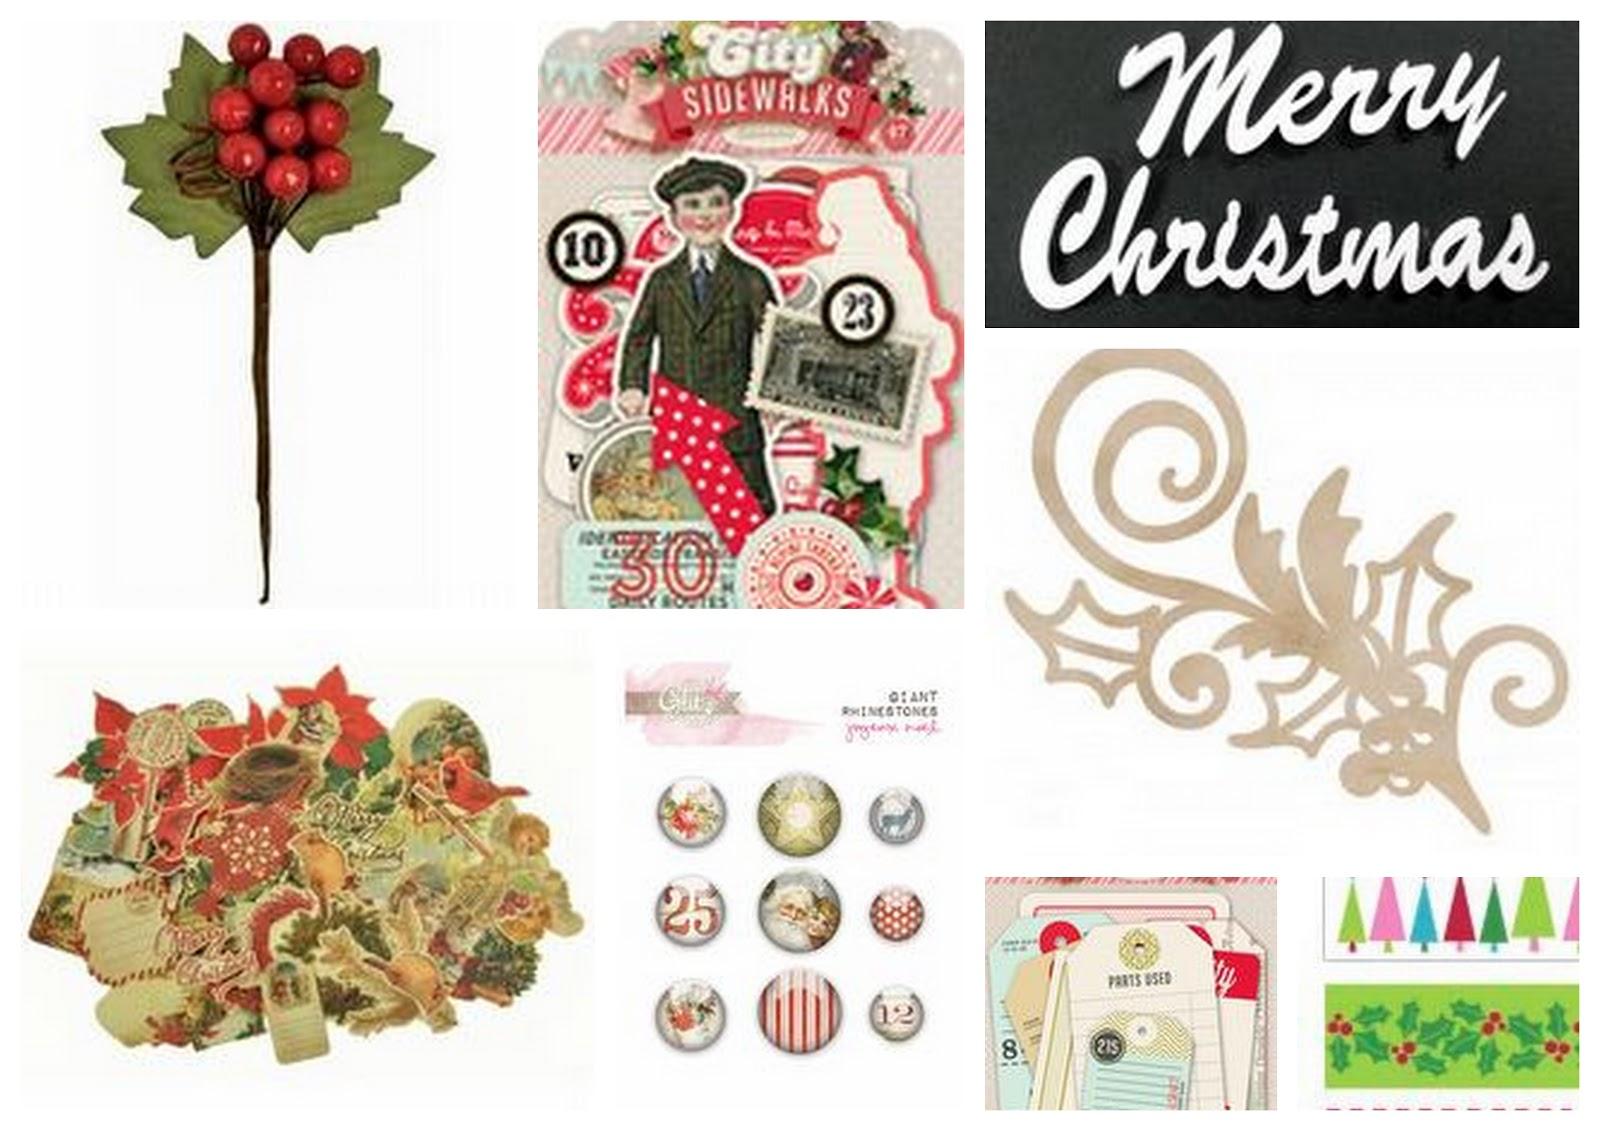 http://1.bp.blogspot.com/-2P6xNEFoIag/ULpnpkWduII/AAAAAAAAAsA/IlKzq40o7Nk/s1600/Christmas+Countdown+blog2.jpg